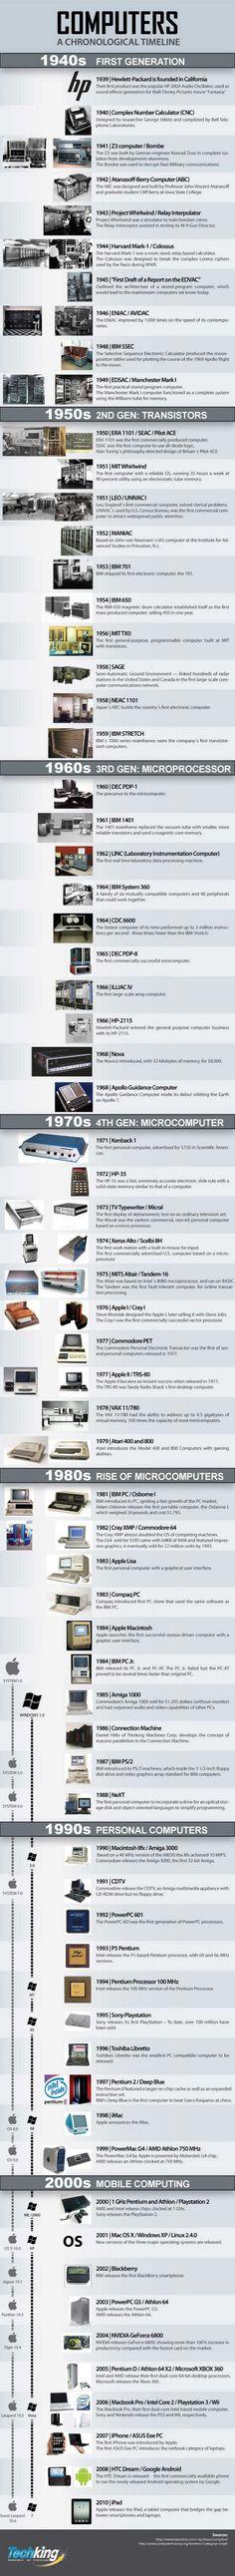 Timeline de la cronología de las computadoras #Tech